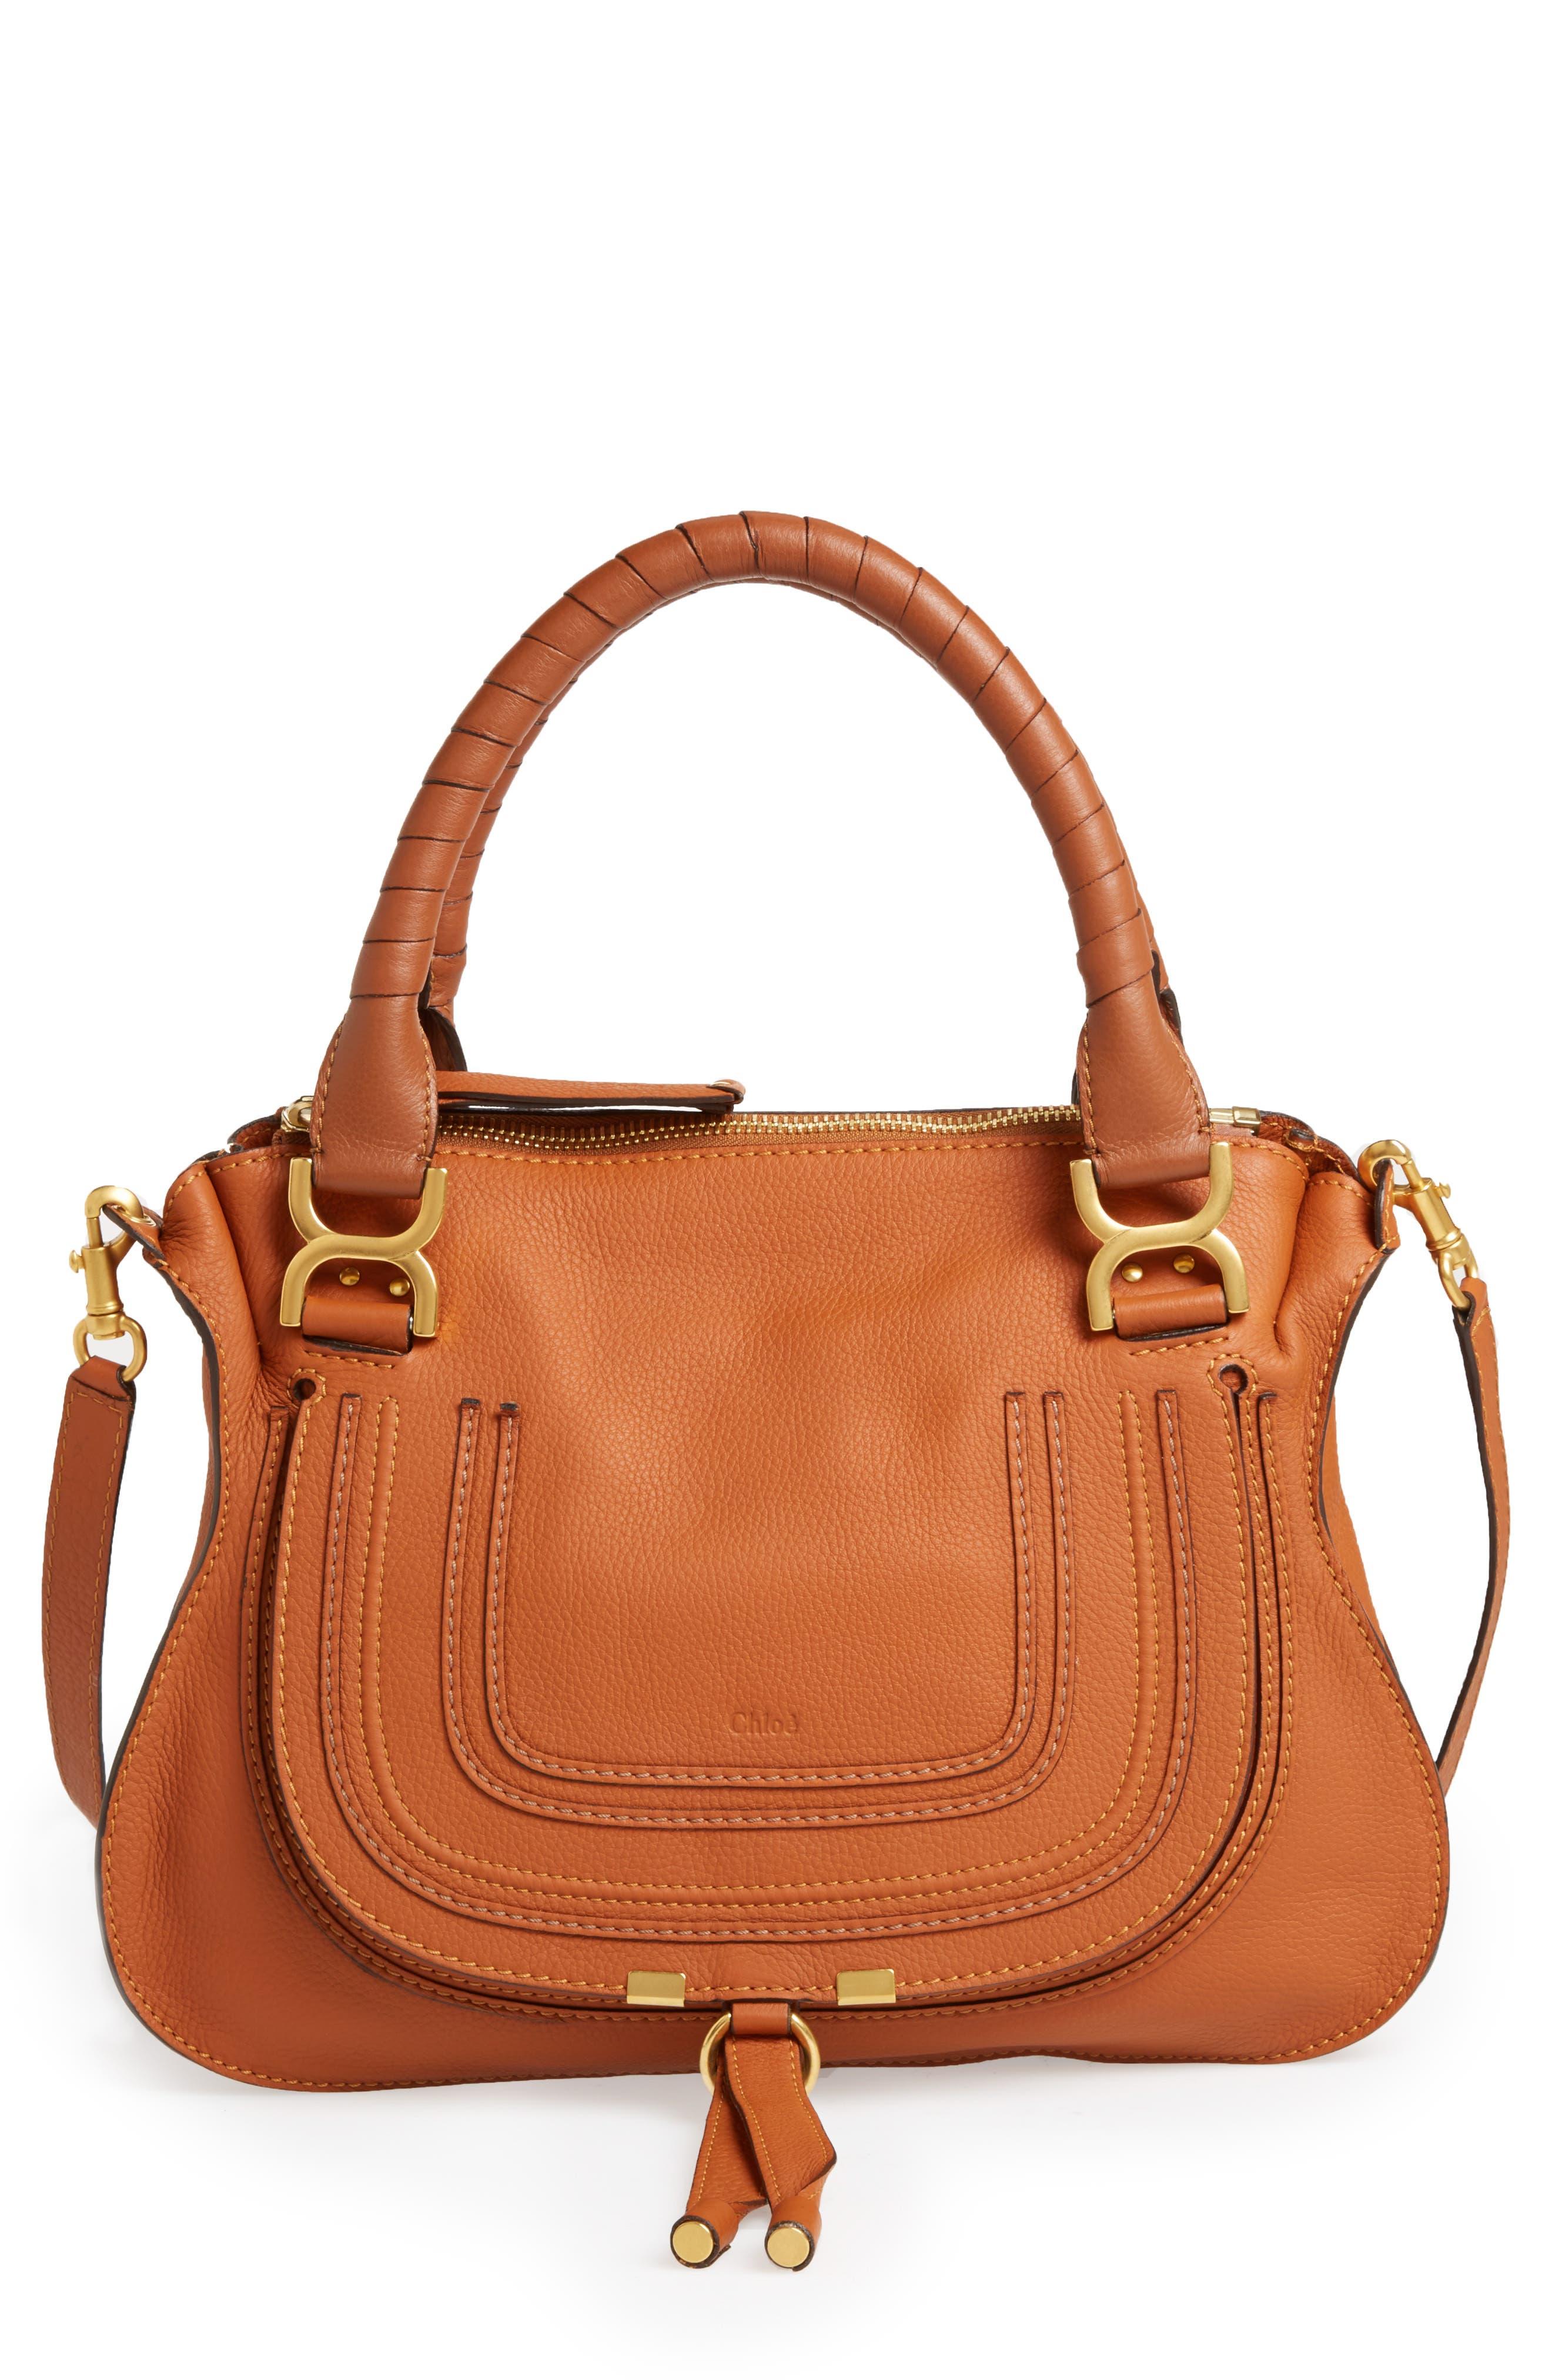 59d74af4480 Women's Chloé Handbags | Nordstrom